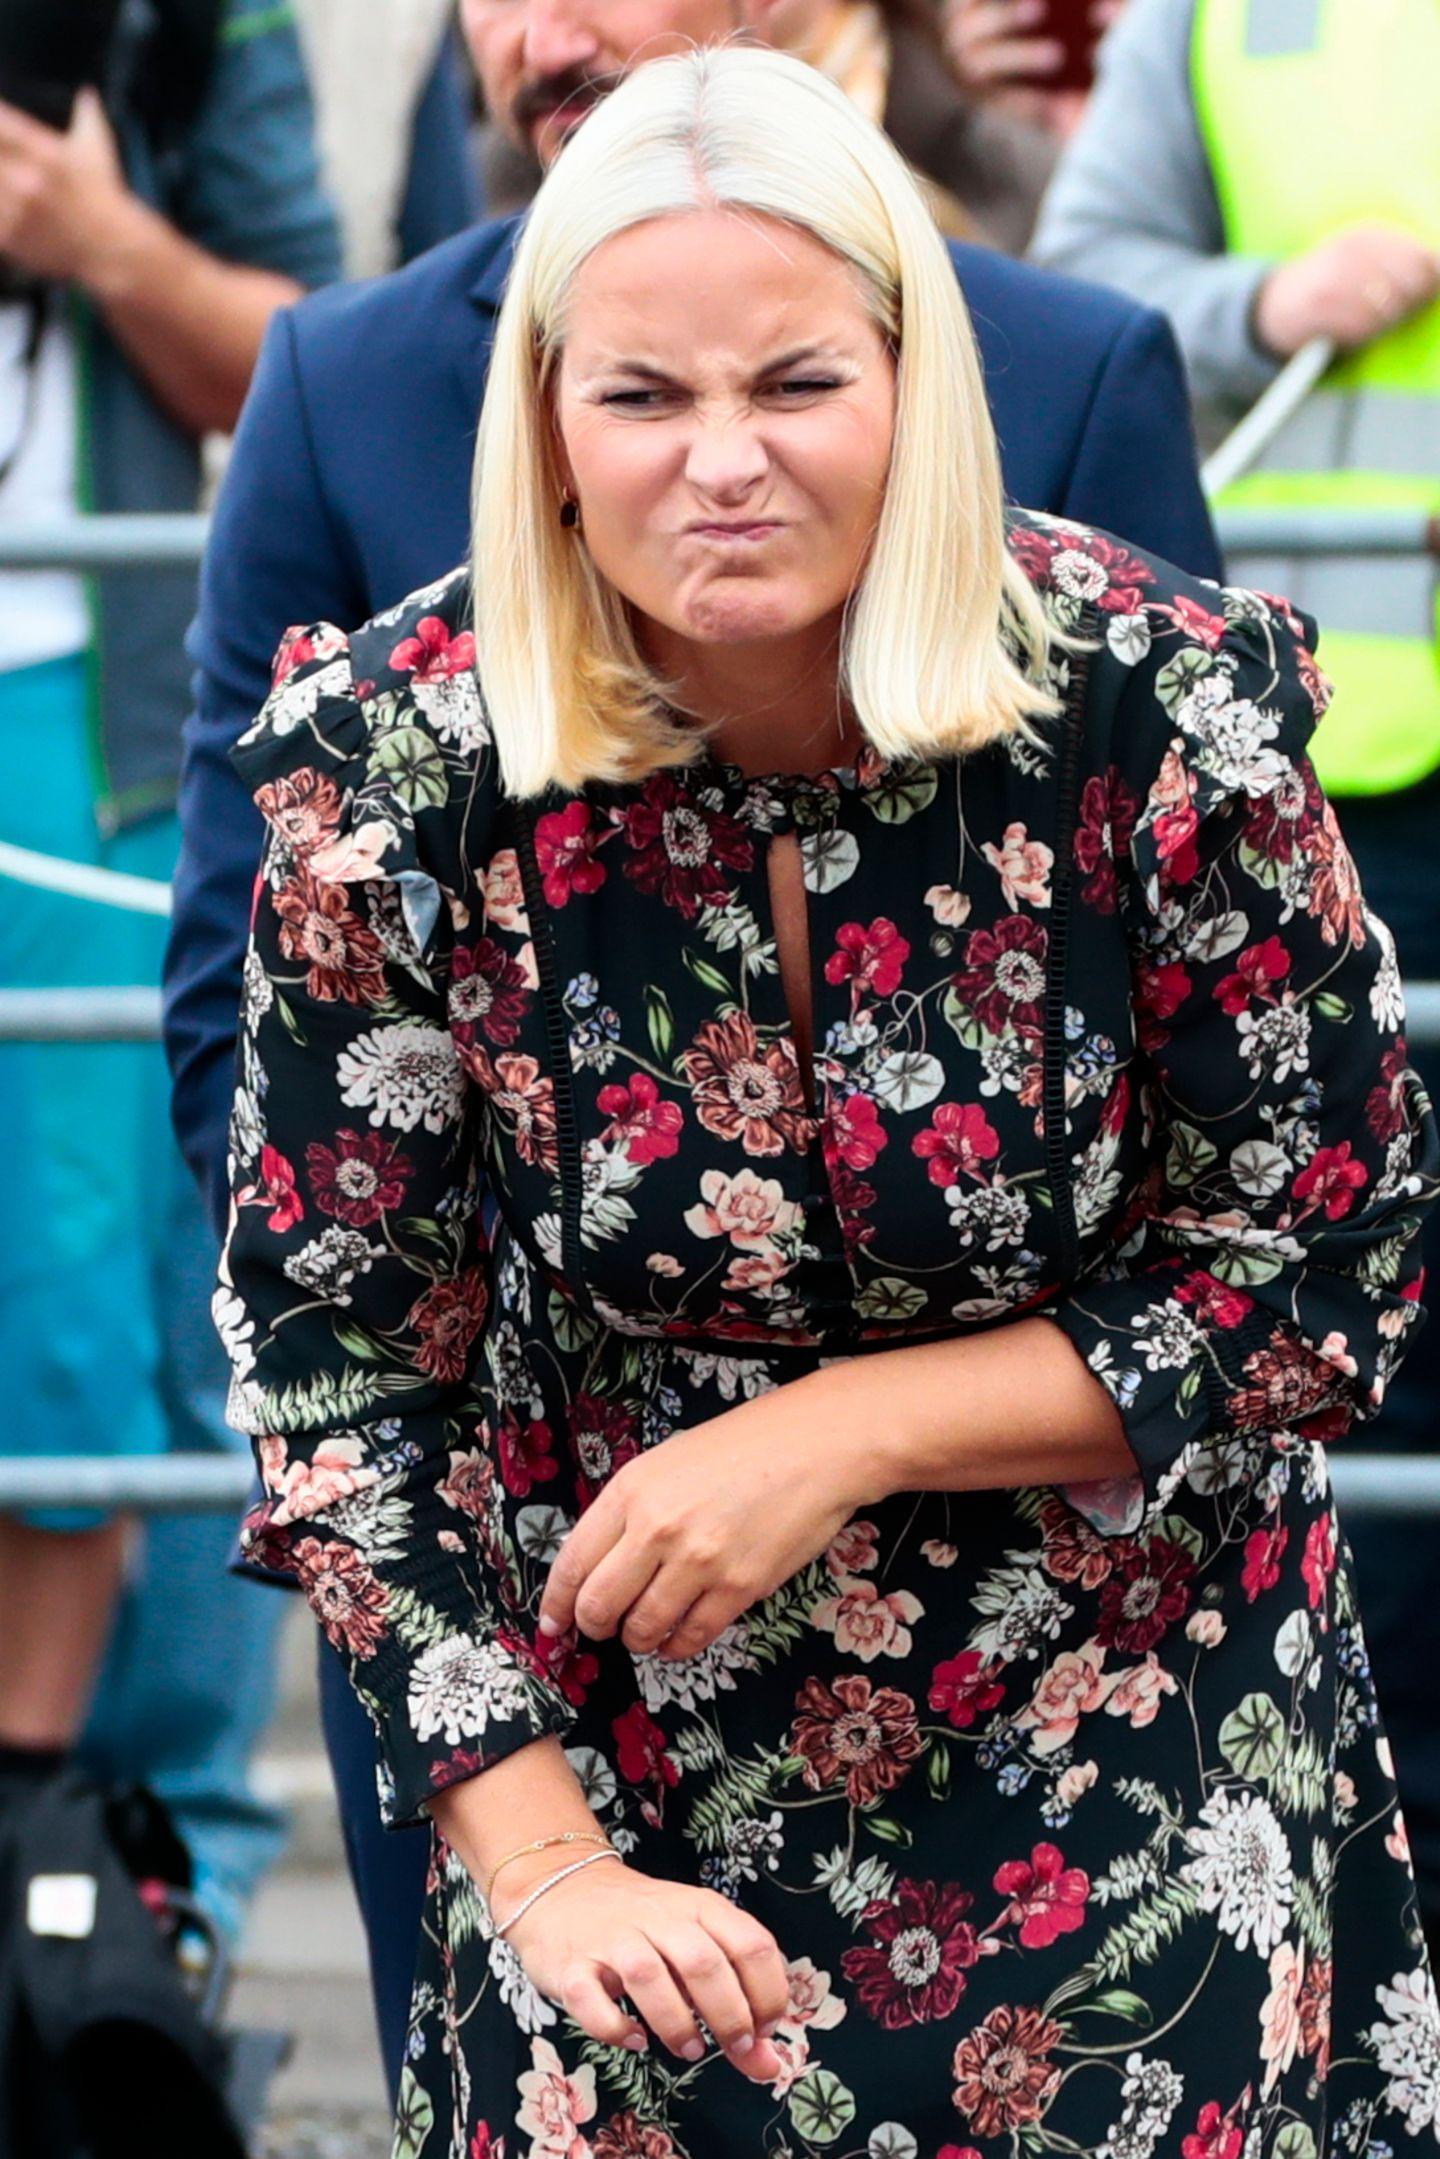 Bei einem Boule-Spiel im Rahmen ihrer Provinzreise durch Vestfold, scheint Kronprinzessin Mette-Marit ihrem Gesichtsausdruck nachkein Glück im Spiel zu haben.